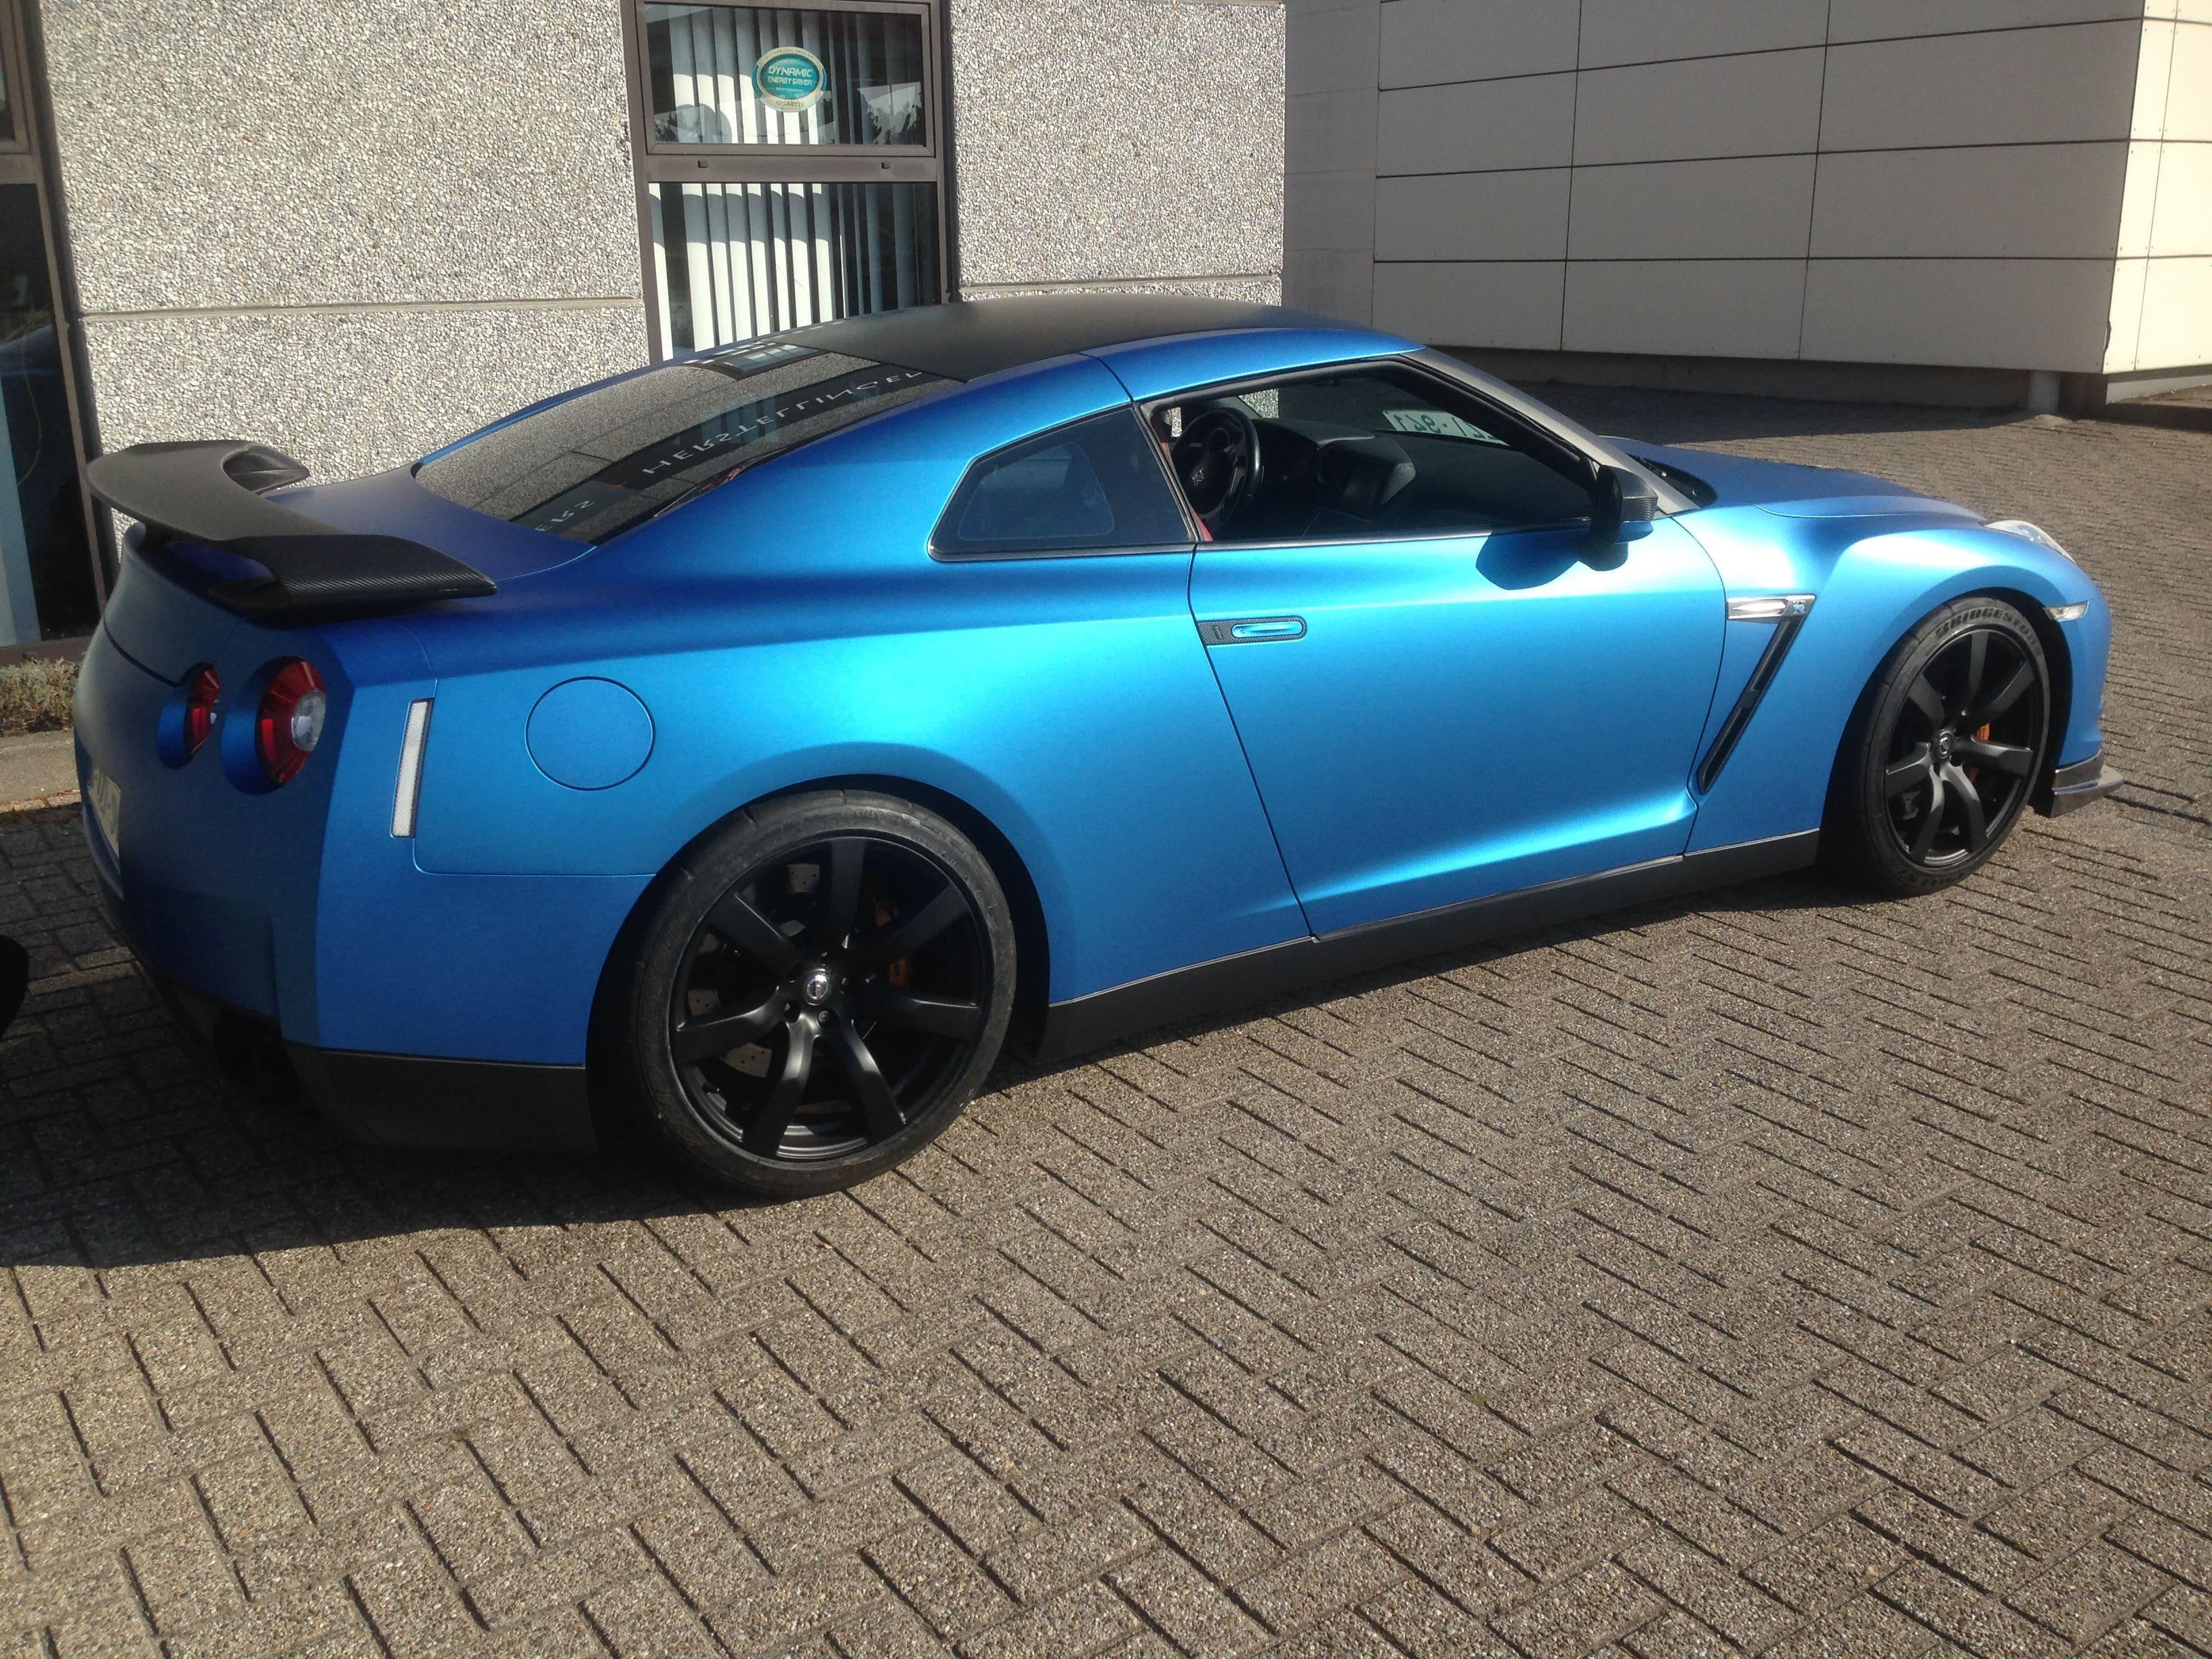 Nissan GT-R in Mat Blauwe Wrap, Carwrapping door Wrapmyride.nu Foto-nr:6536, ©2020